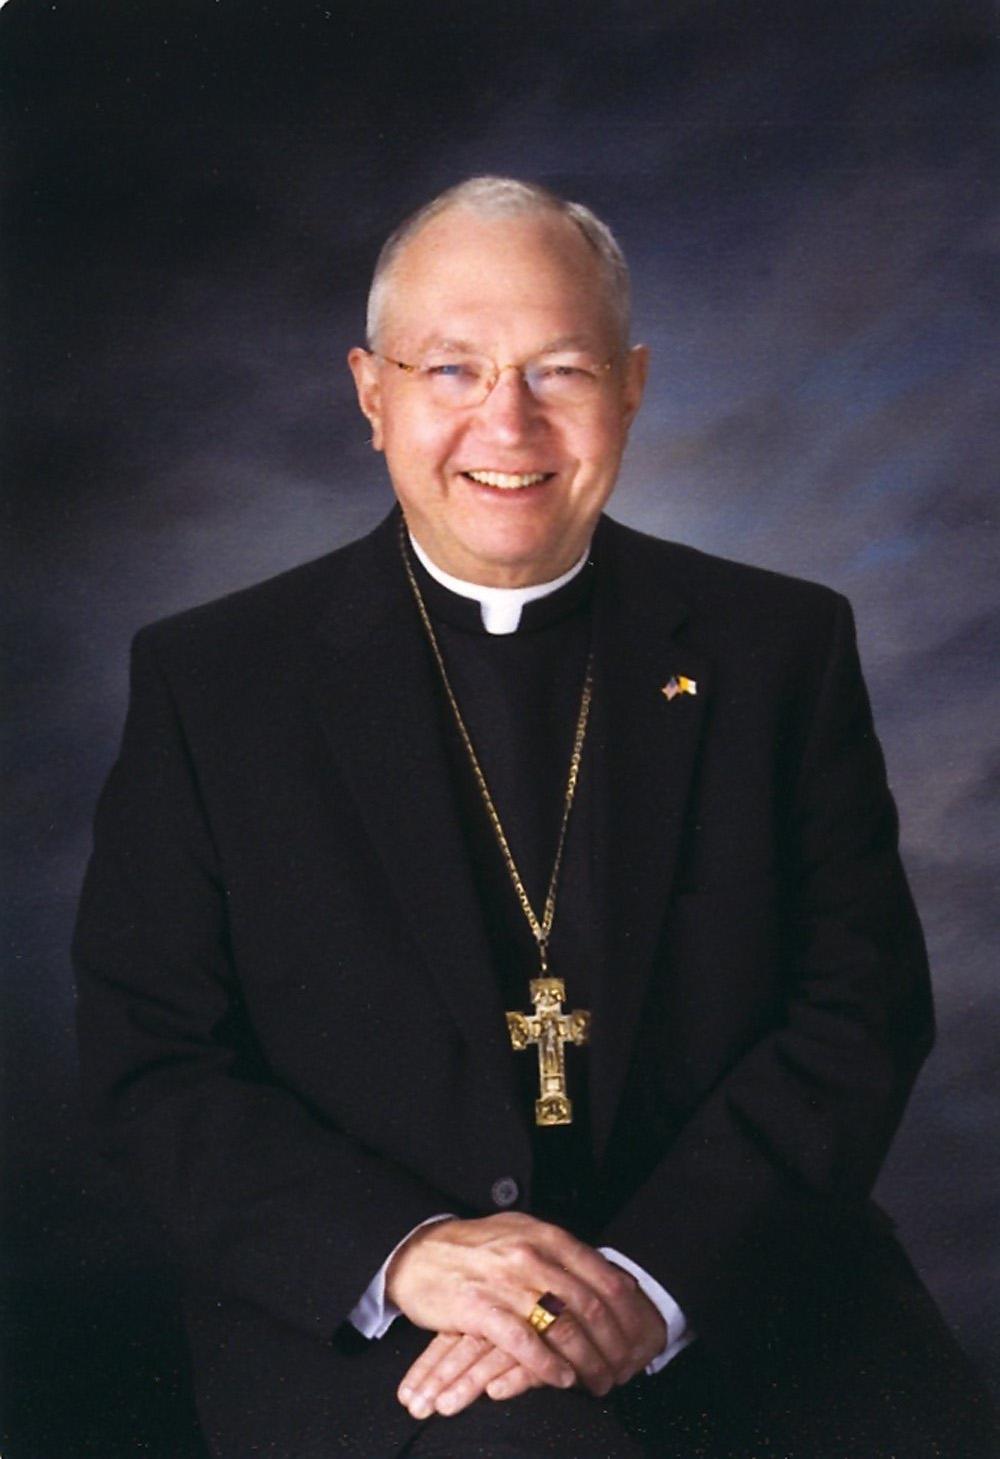 BishopMorlino1